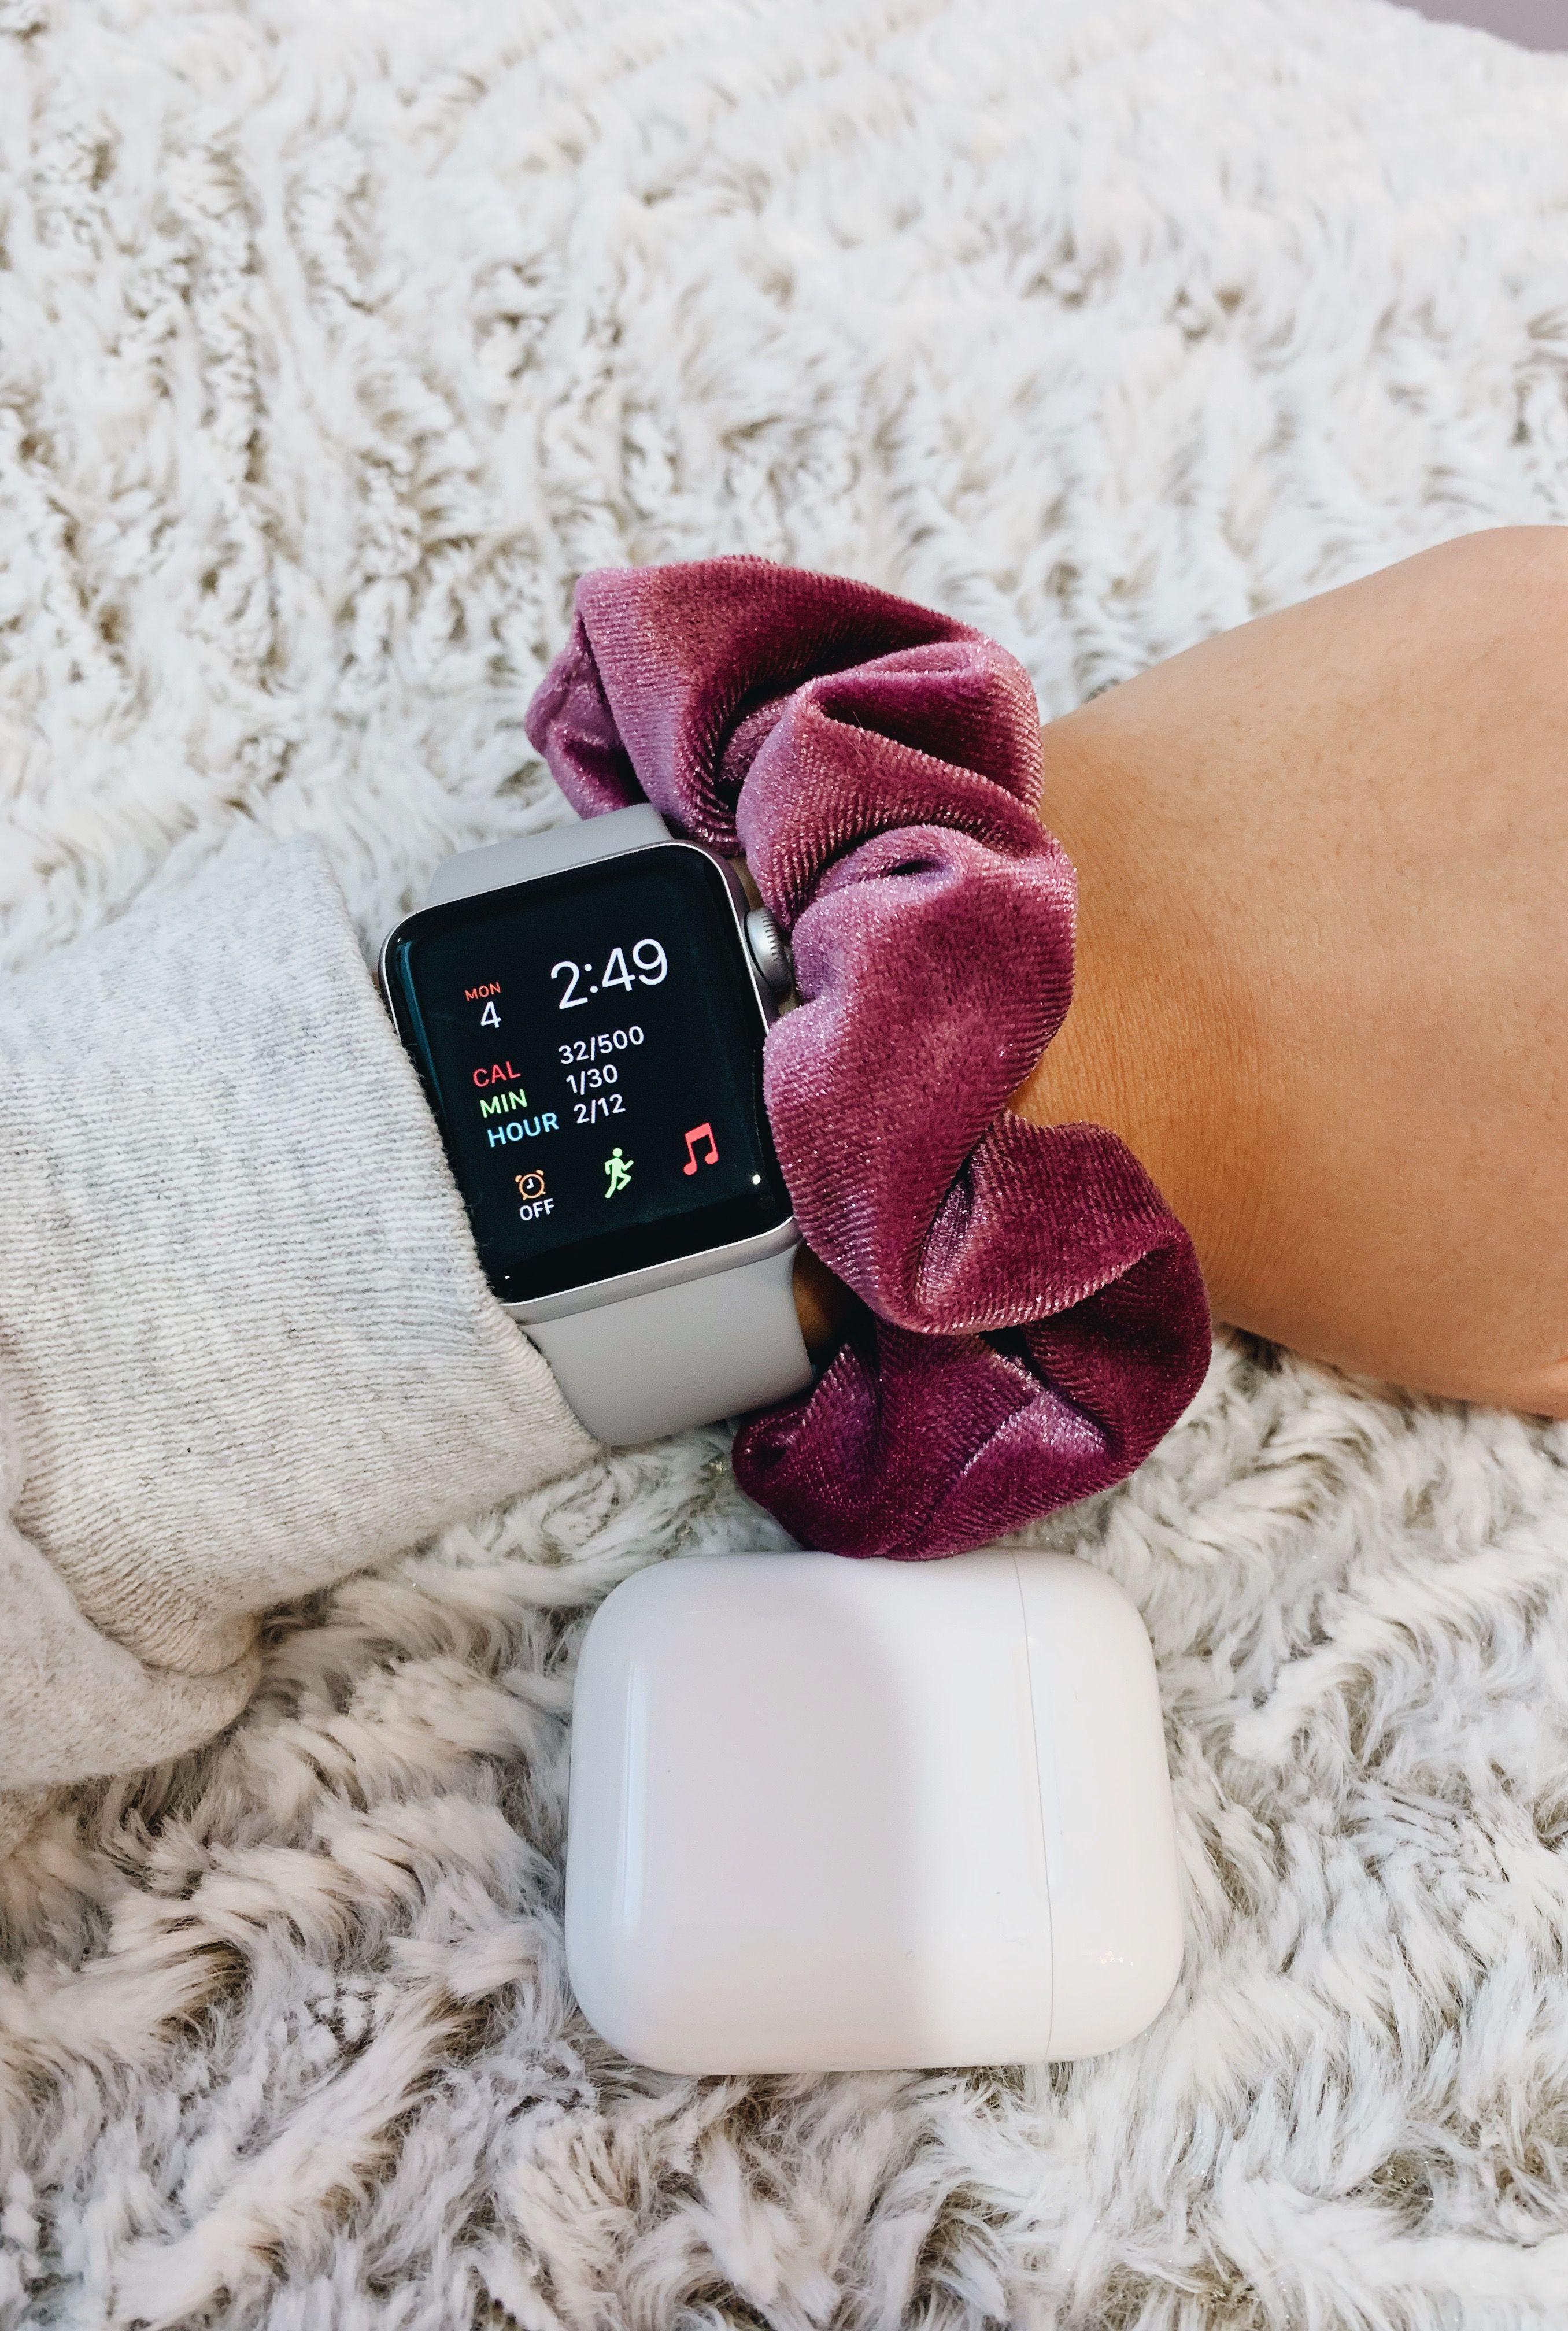 Applewatch Scrunchie Airpods Luxury Essentials Vsco Fancy